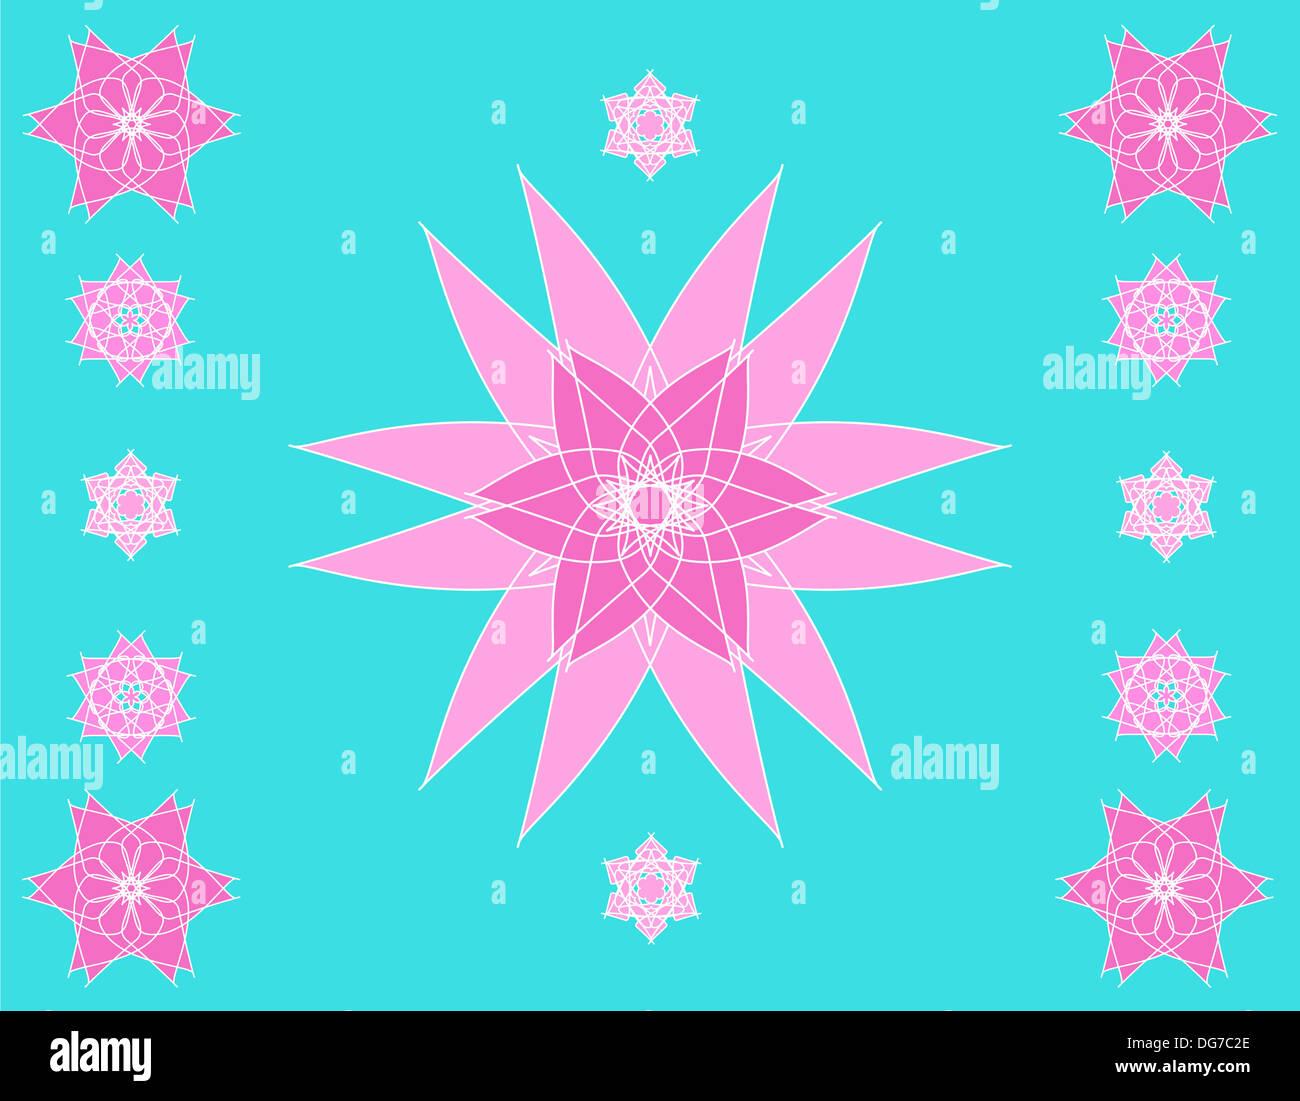 Artistic pink mandala pattern on blue Stock Photo